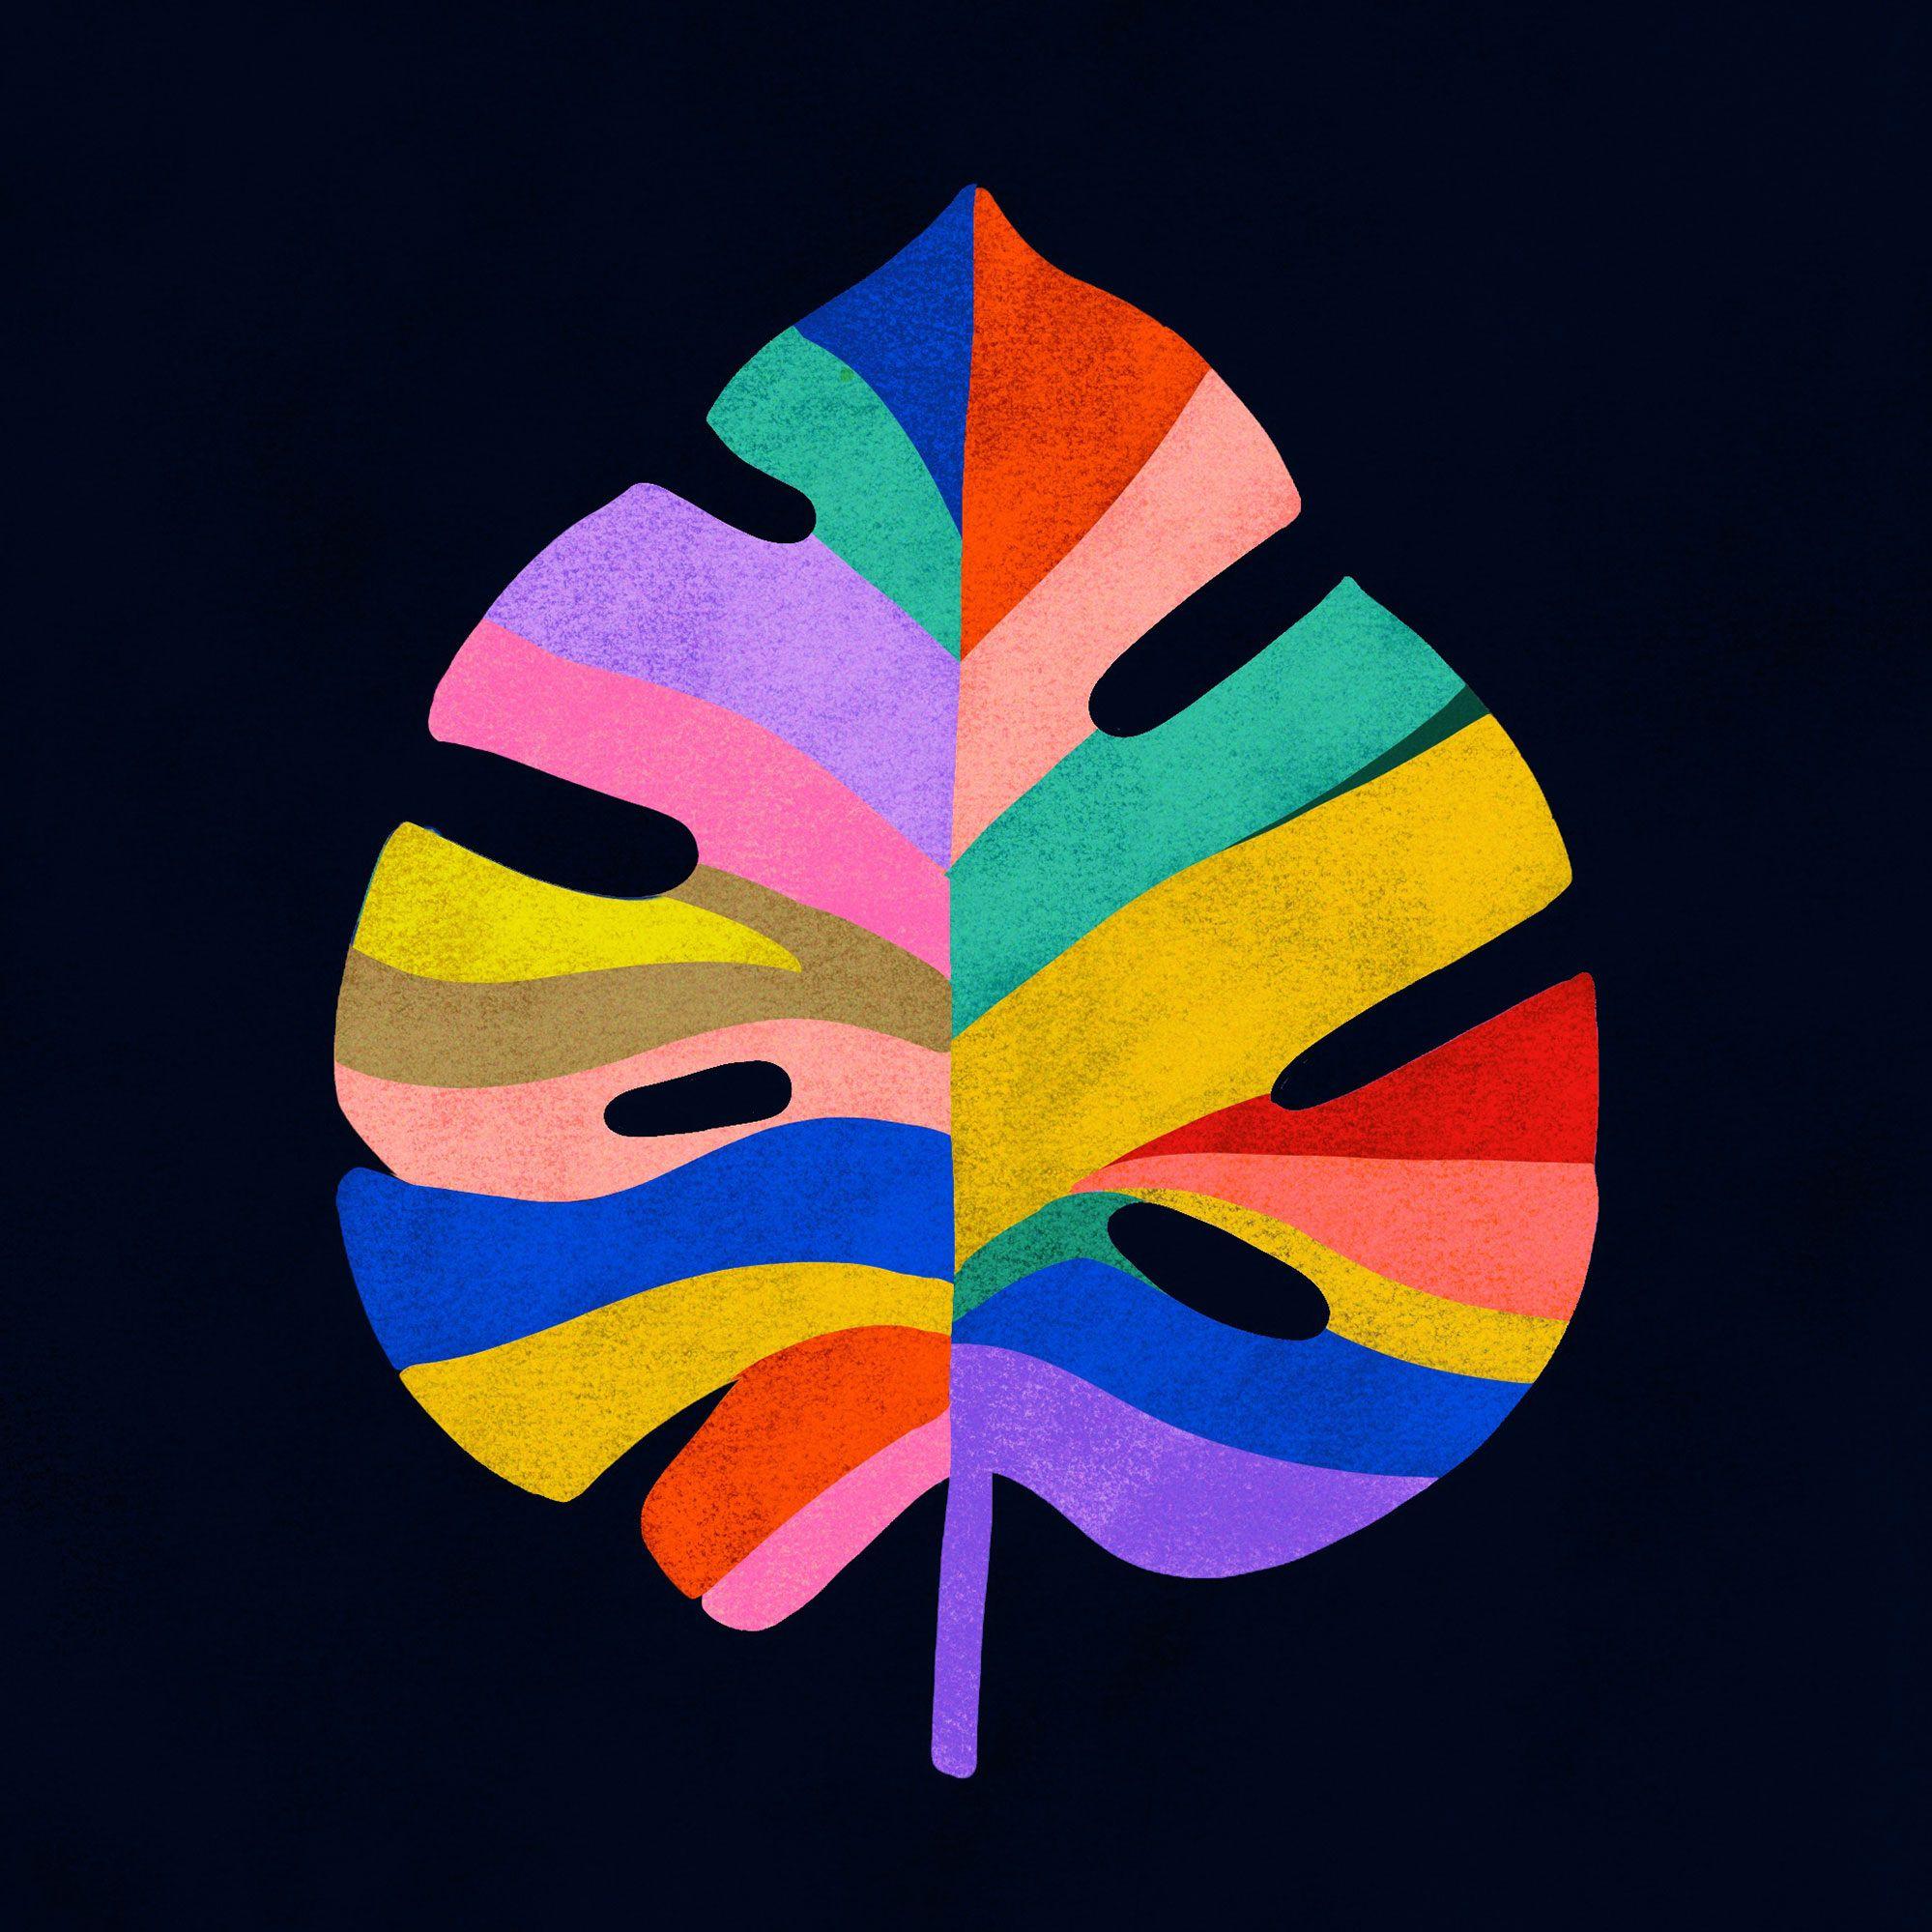 Carmi Grau Closer Closer Artists In 2020 Carmi Geometry Art